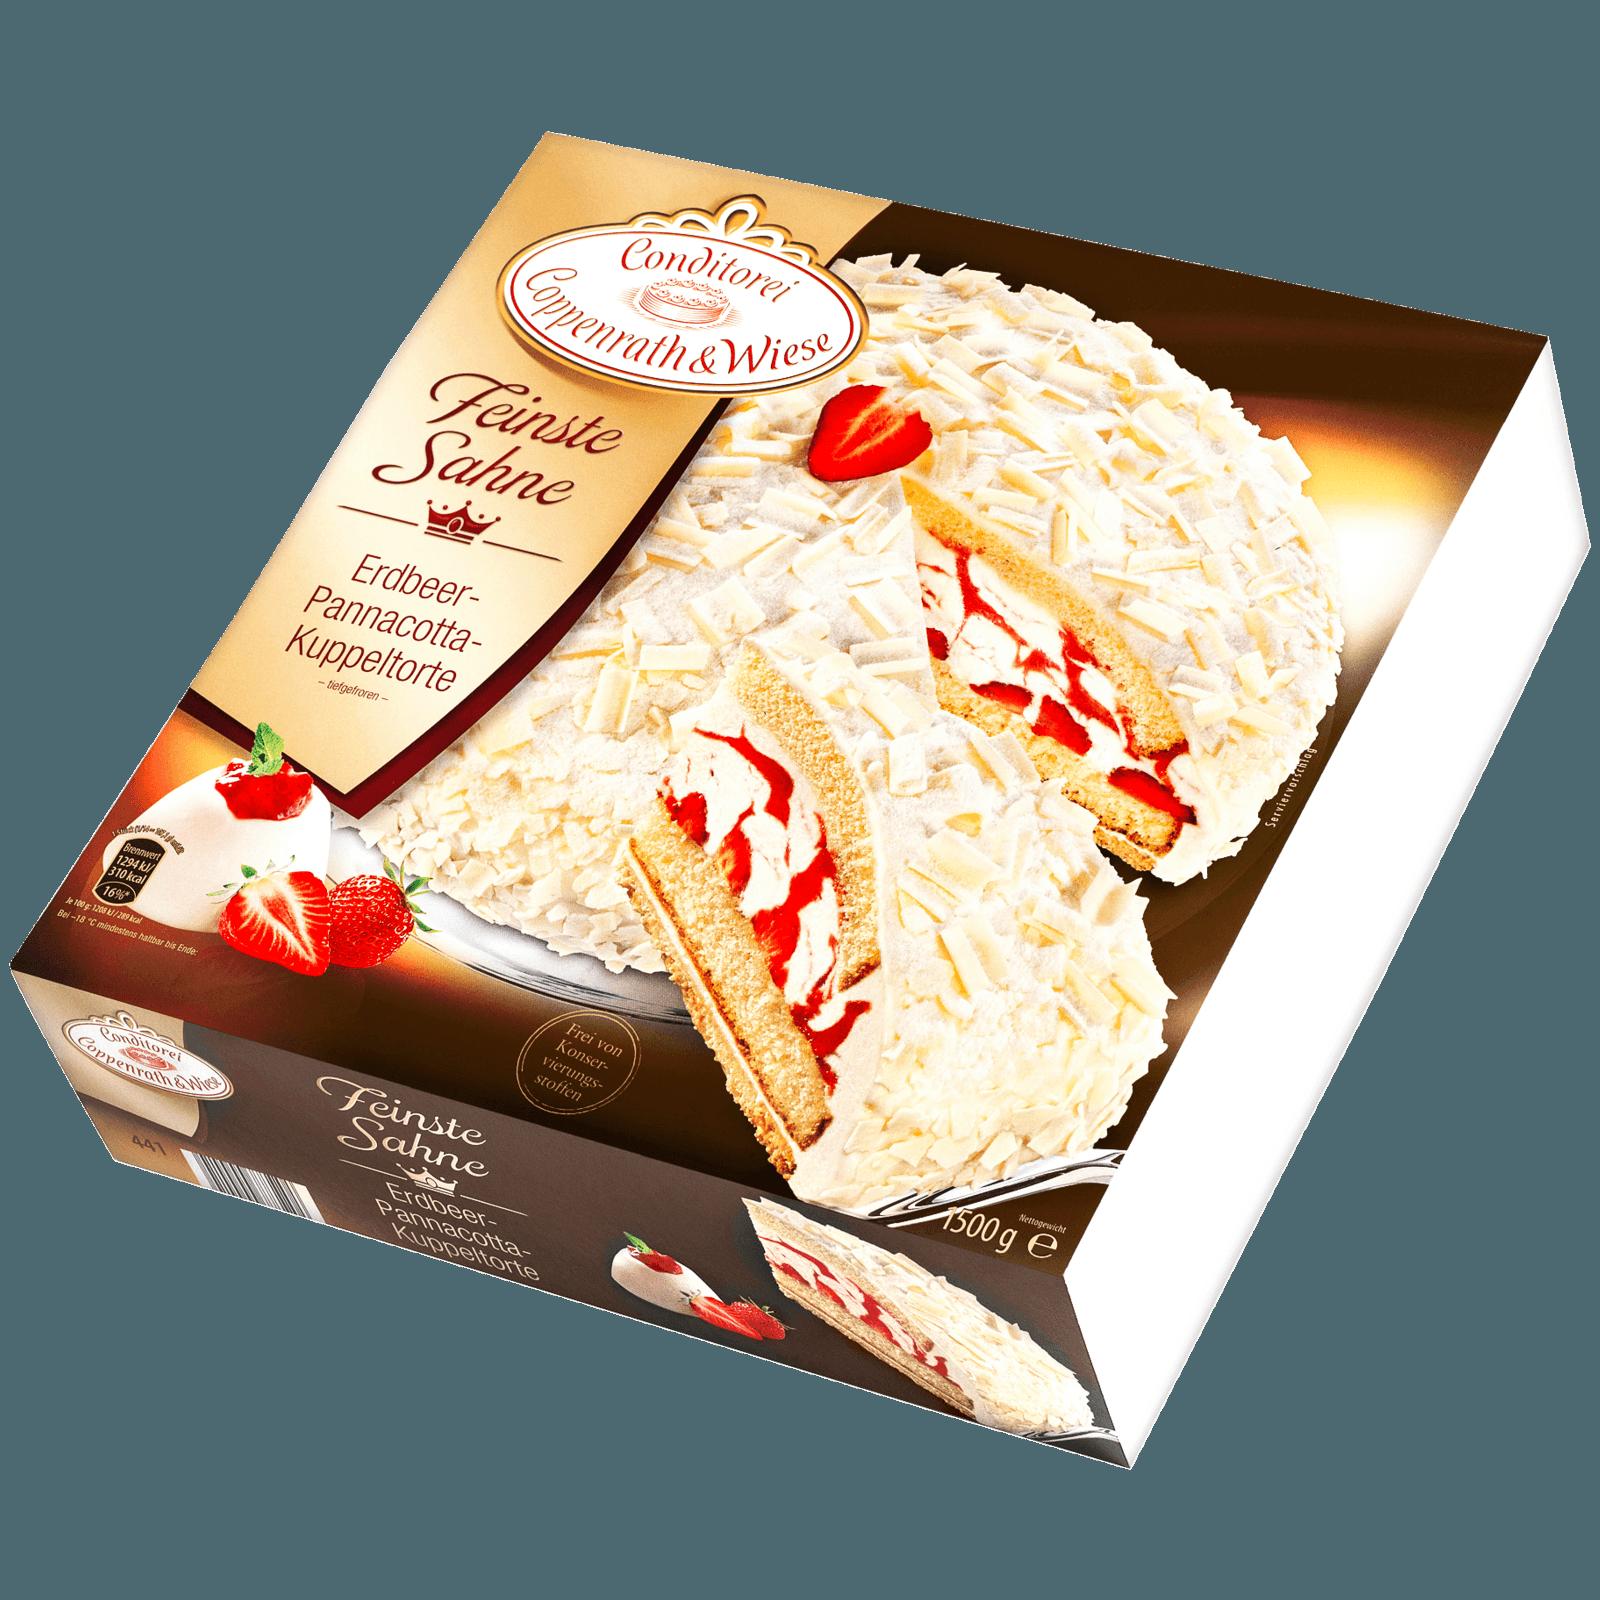 Coppenrath & wiese lust auf kuchen